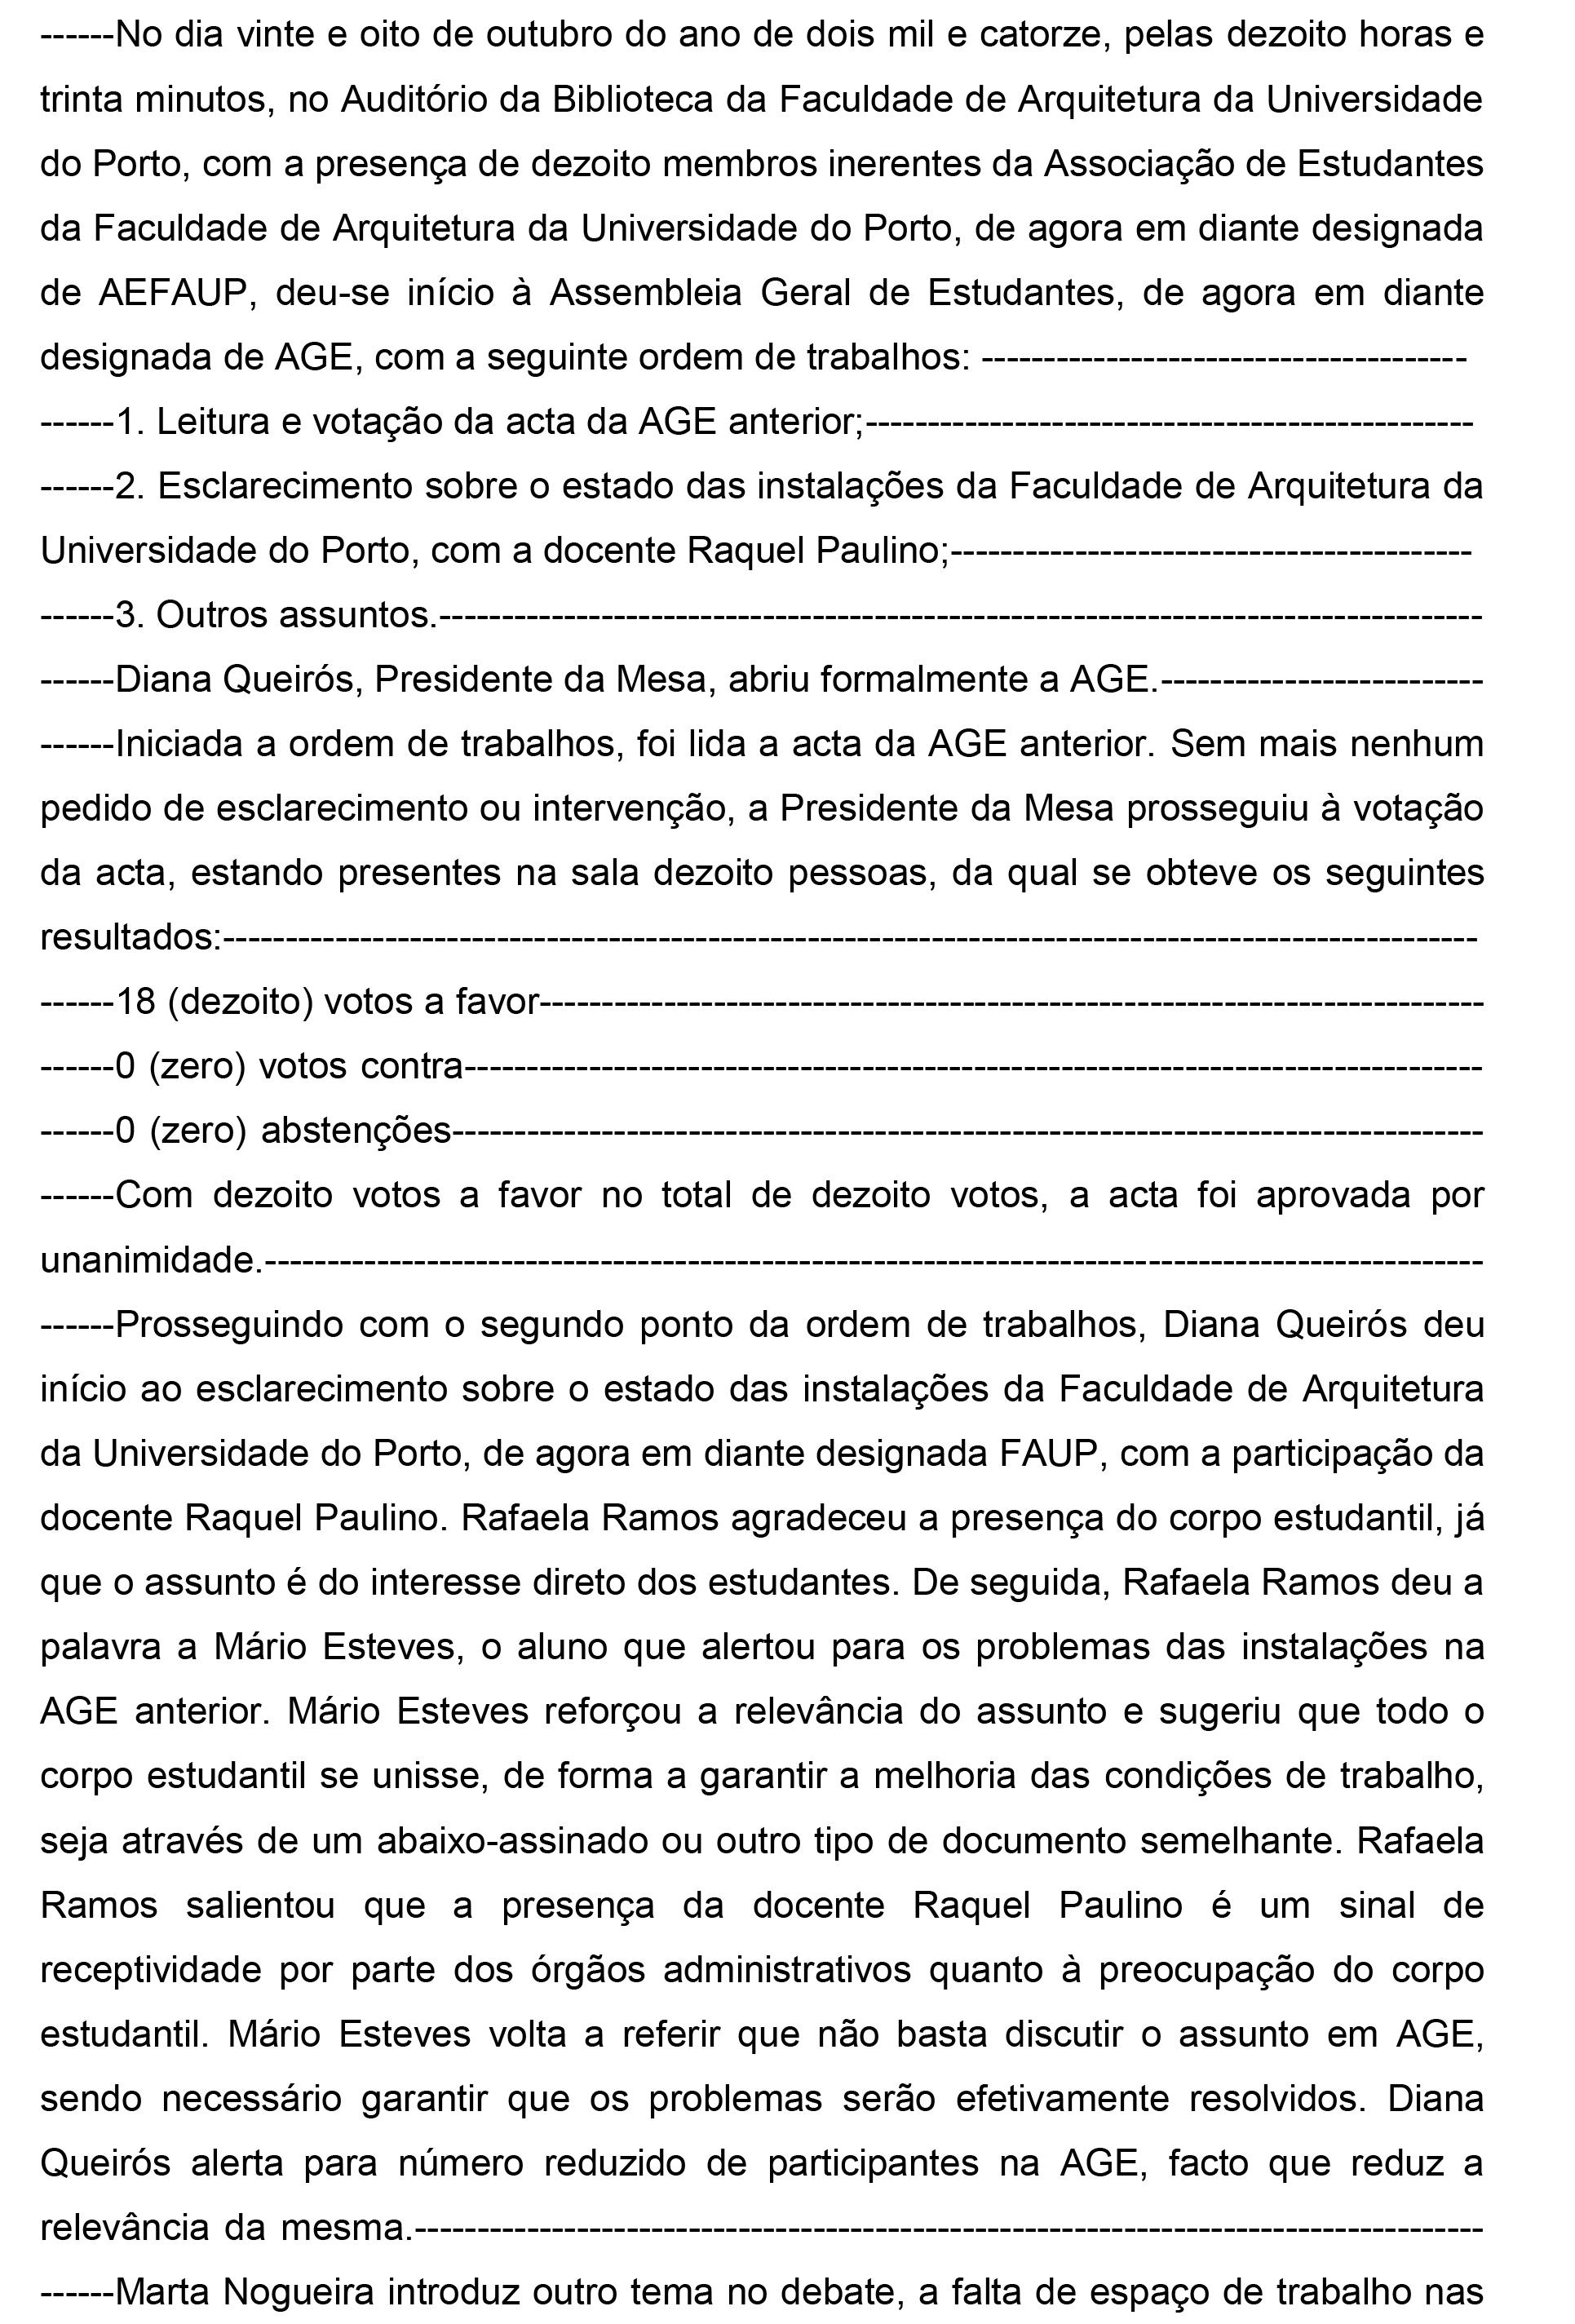 Acta 28 de Outrubro de 2014 -  Esclarecimento do estado das instalações-1.jpg